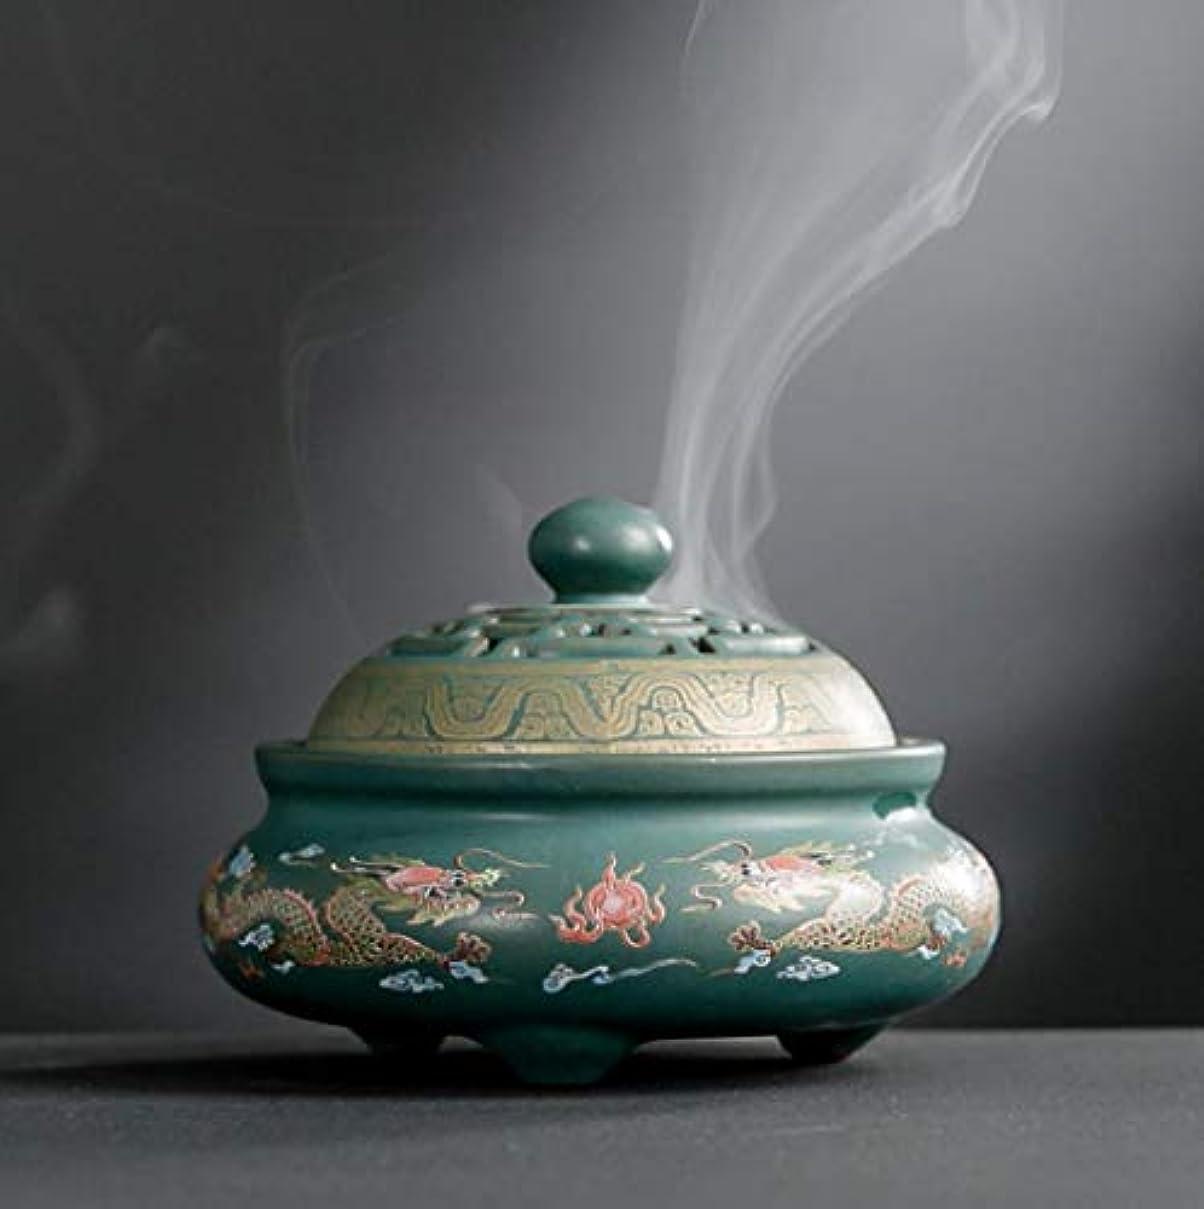 気づかないウォーターフロント巧みなYONIK 香炉 渦巻き線香ホルダー 蚊取り線香ホルダー 線香入れ 磁器 香皿 蓋付き 香立て付き 和風